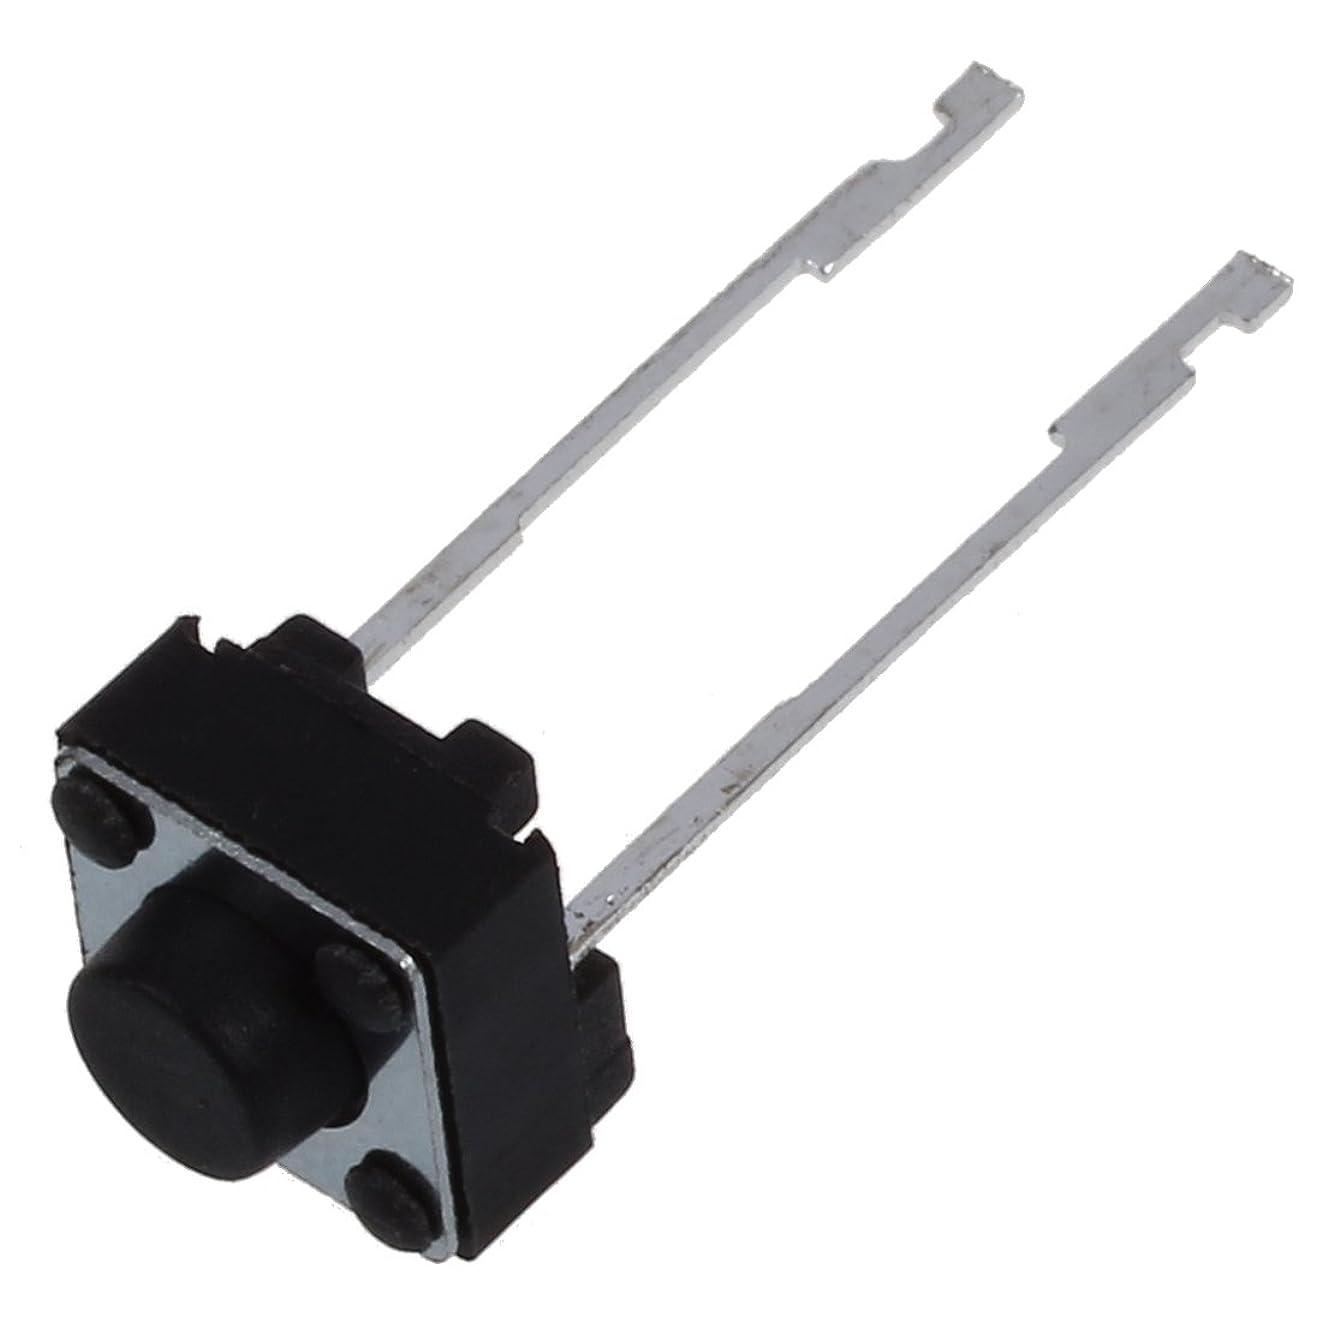 調停する下着繊維スイッチ,SODIAL(R)20x6x6x4mmモーメンタリ触覚タクト押しボタンスイッチ 2ピンDIPスルーホール